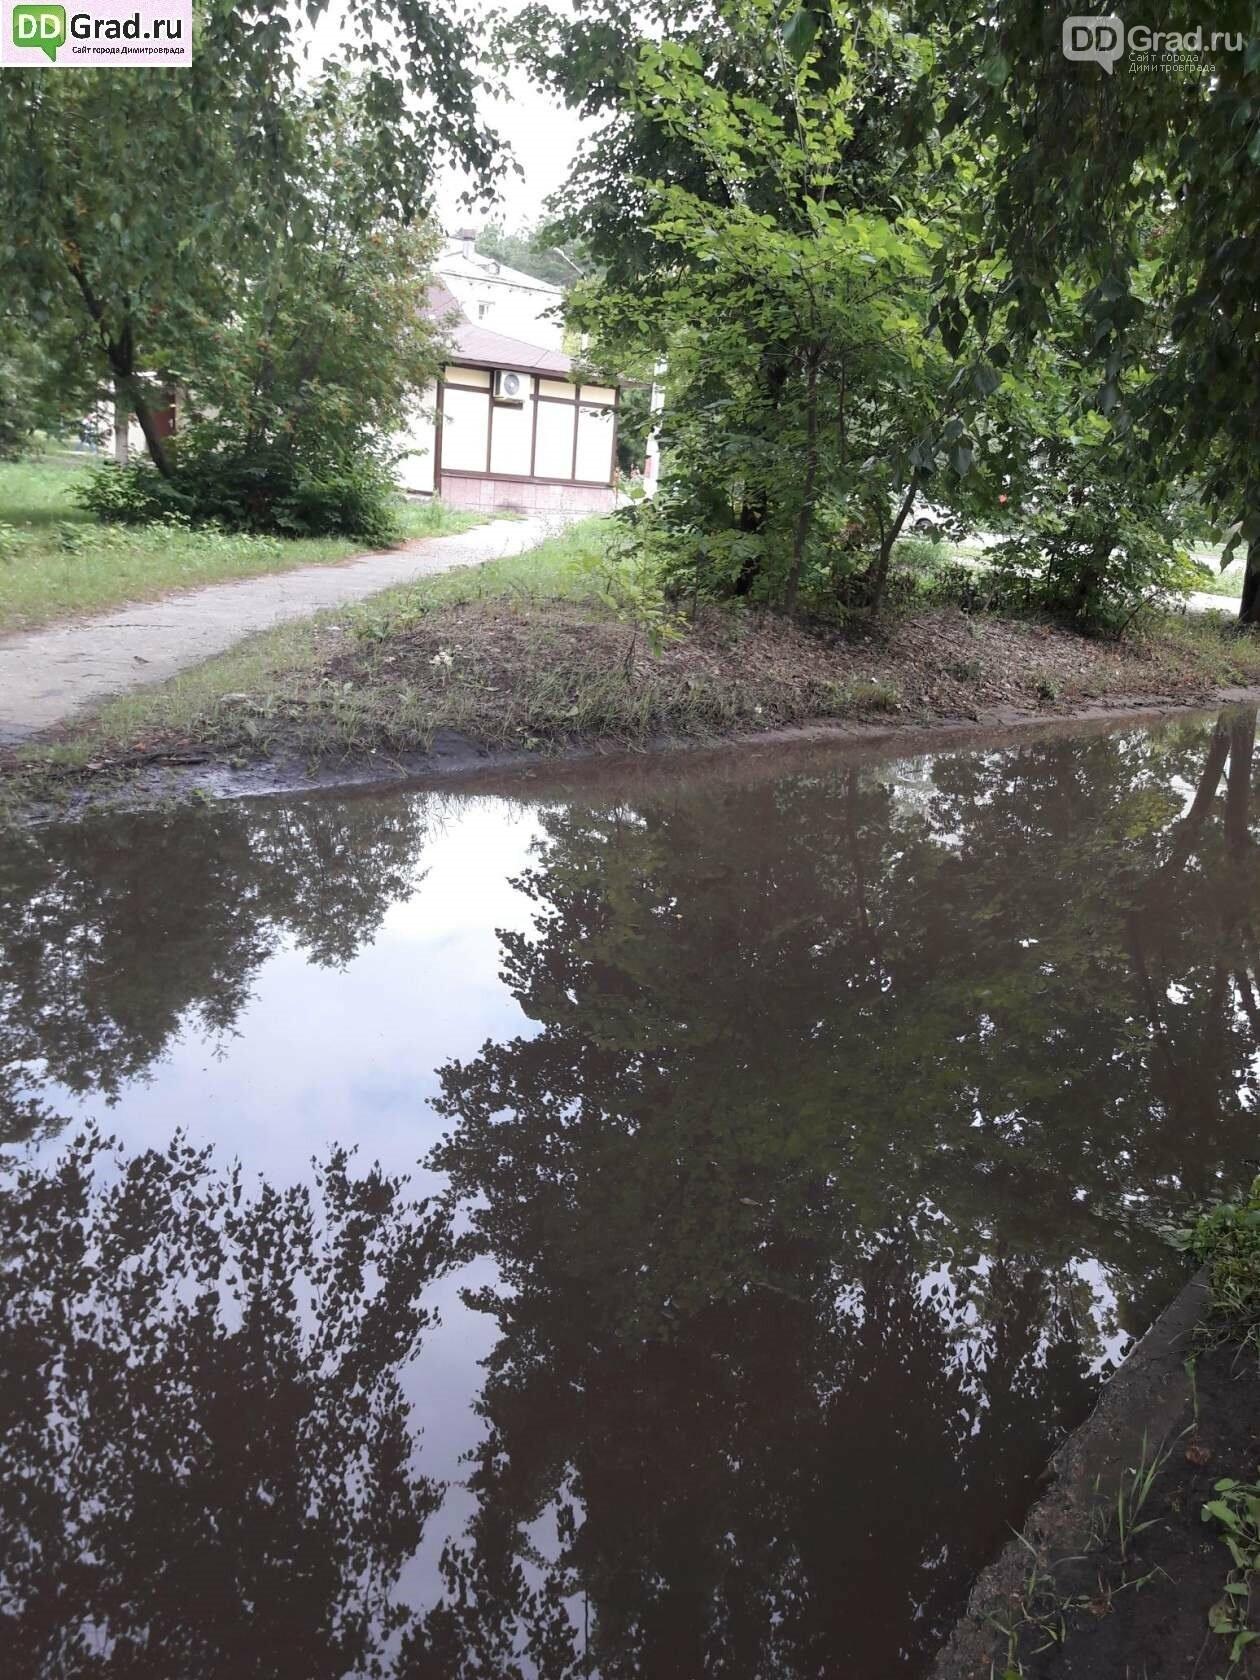 Течёт ручей, бежит ручей... Дороги в Димитровграде, фото-4